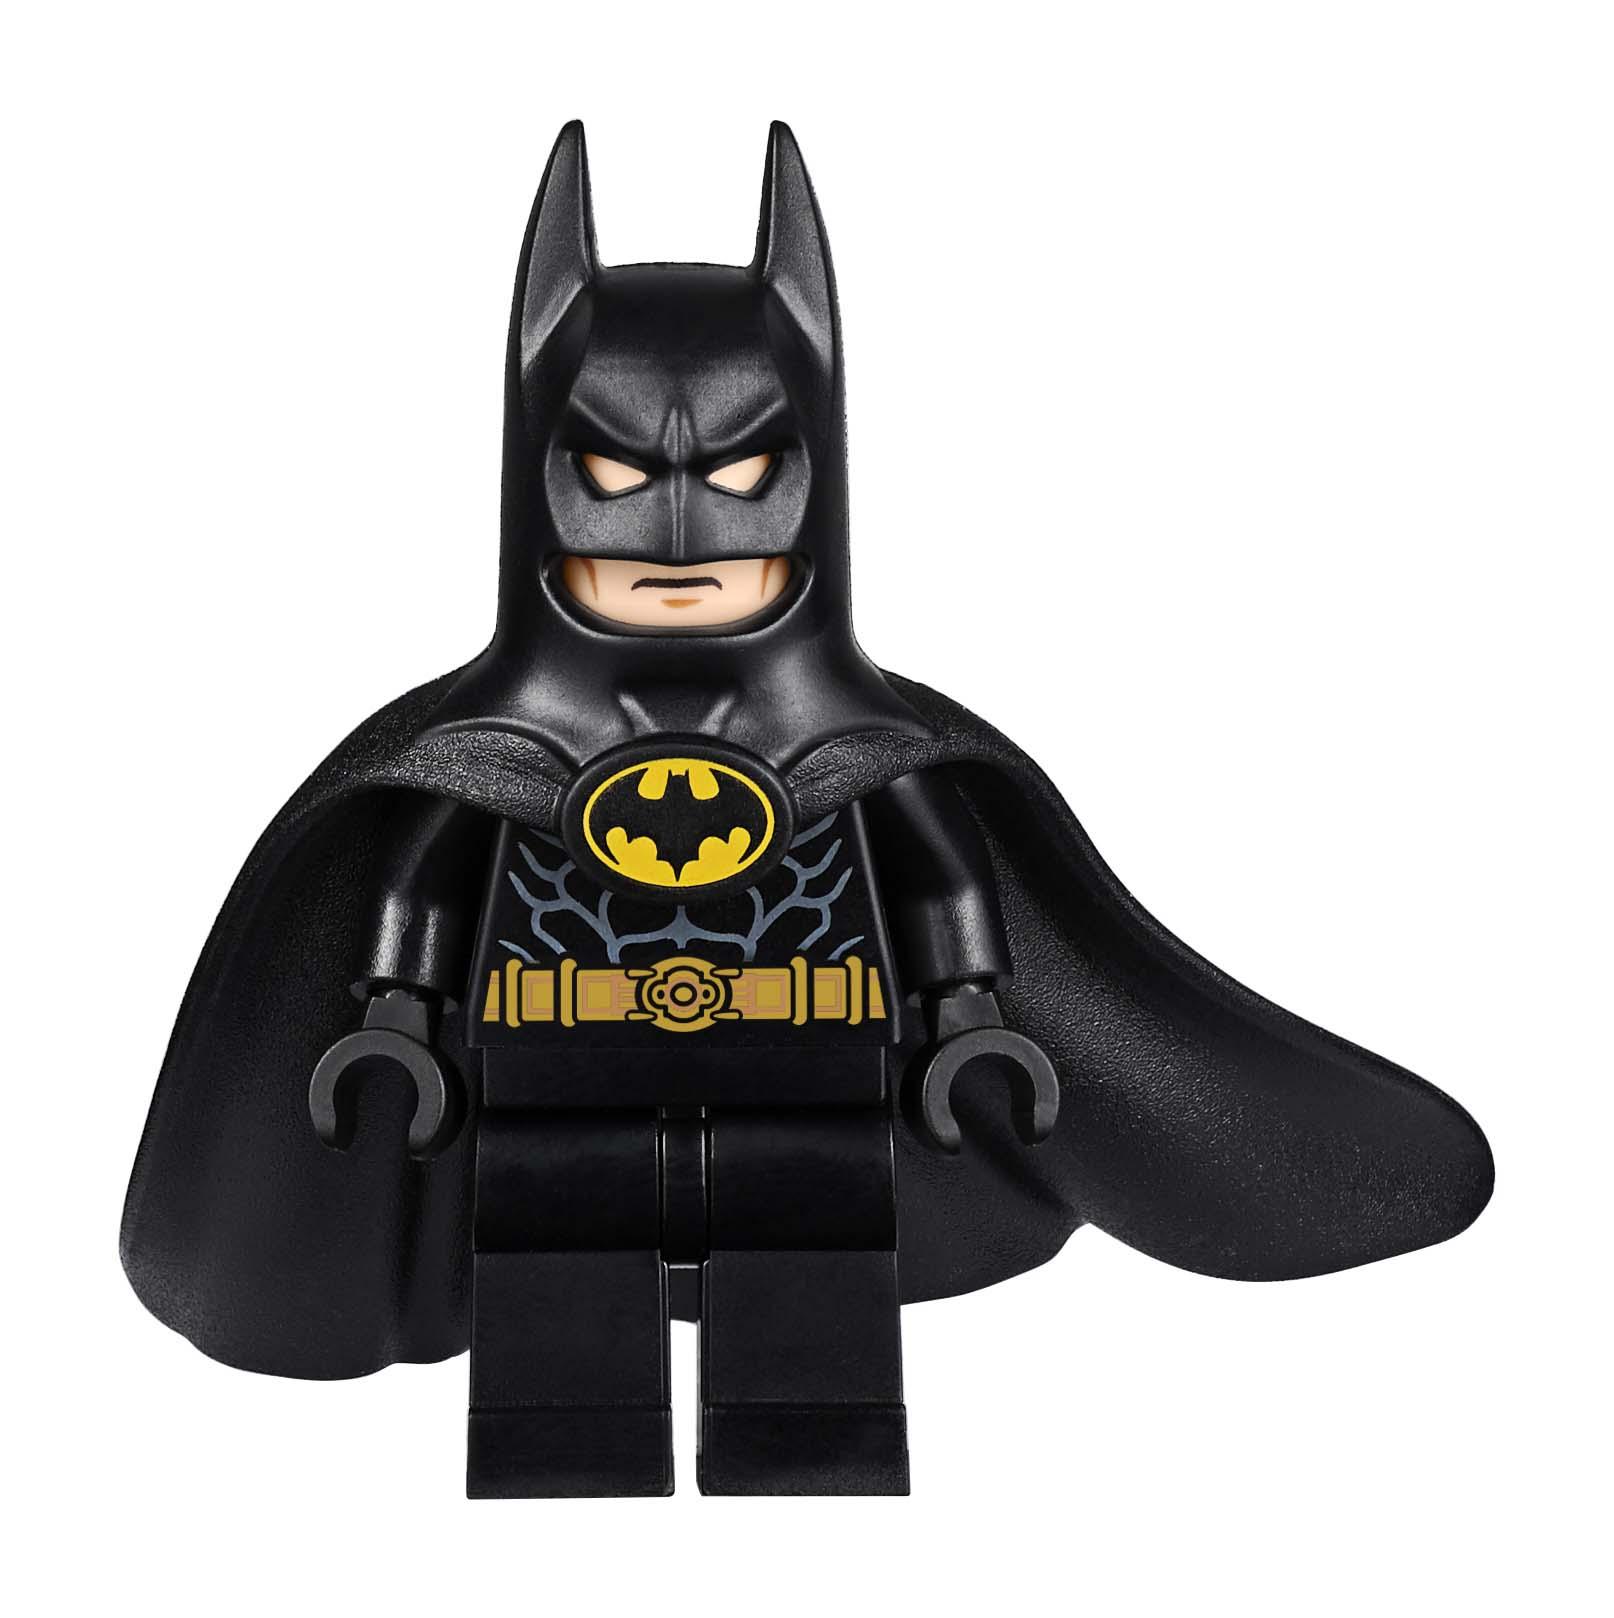 LEGO Batman 1989 Batmobile (76139) Officially Announced